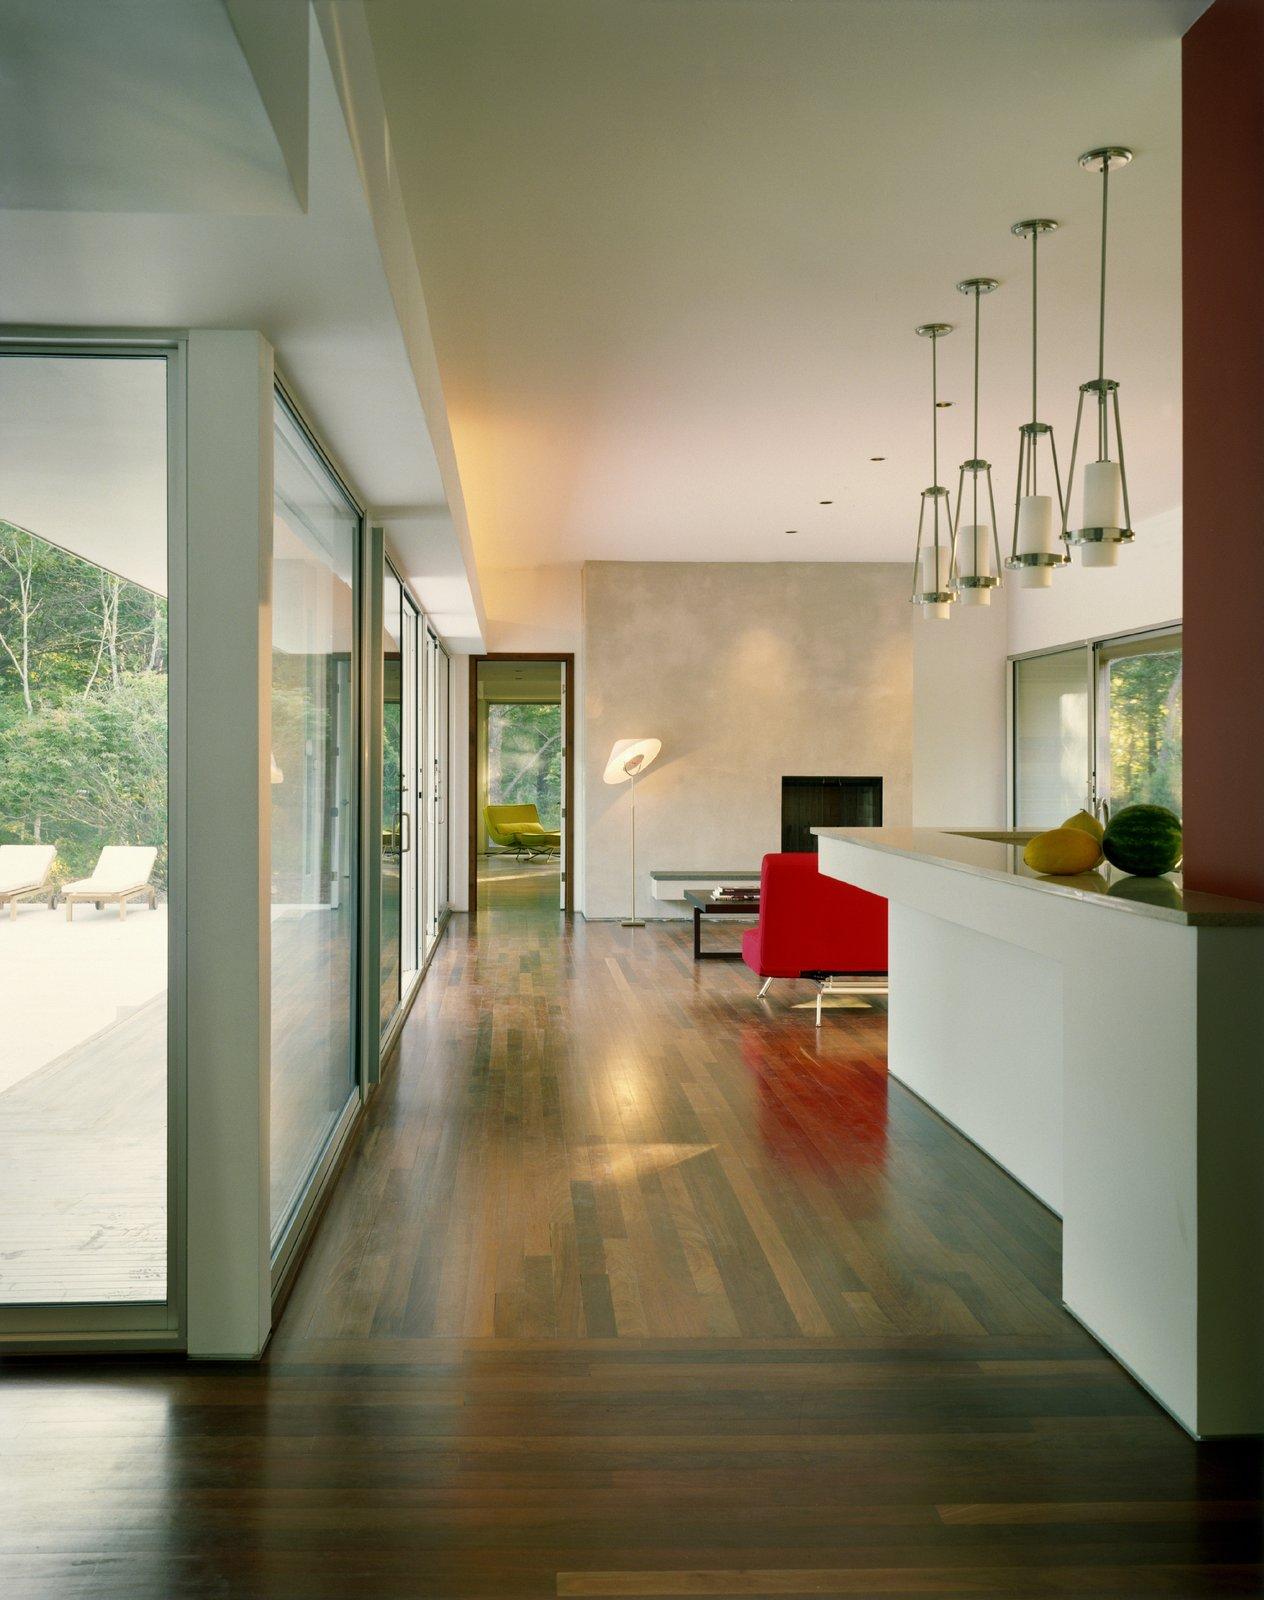 Living Room and Medium Hardwood Floor  Sagaponac House by Hariri & Hariri Architecture